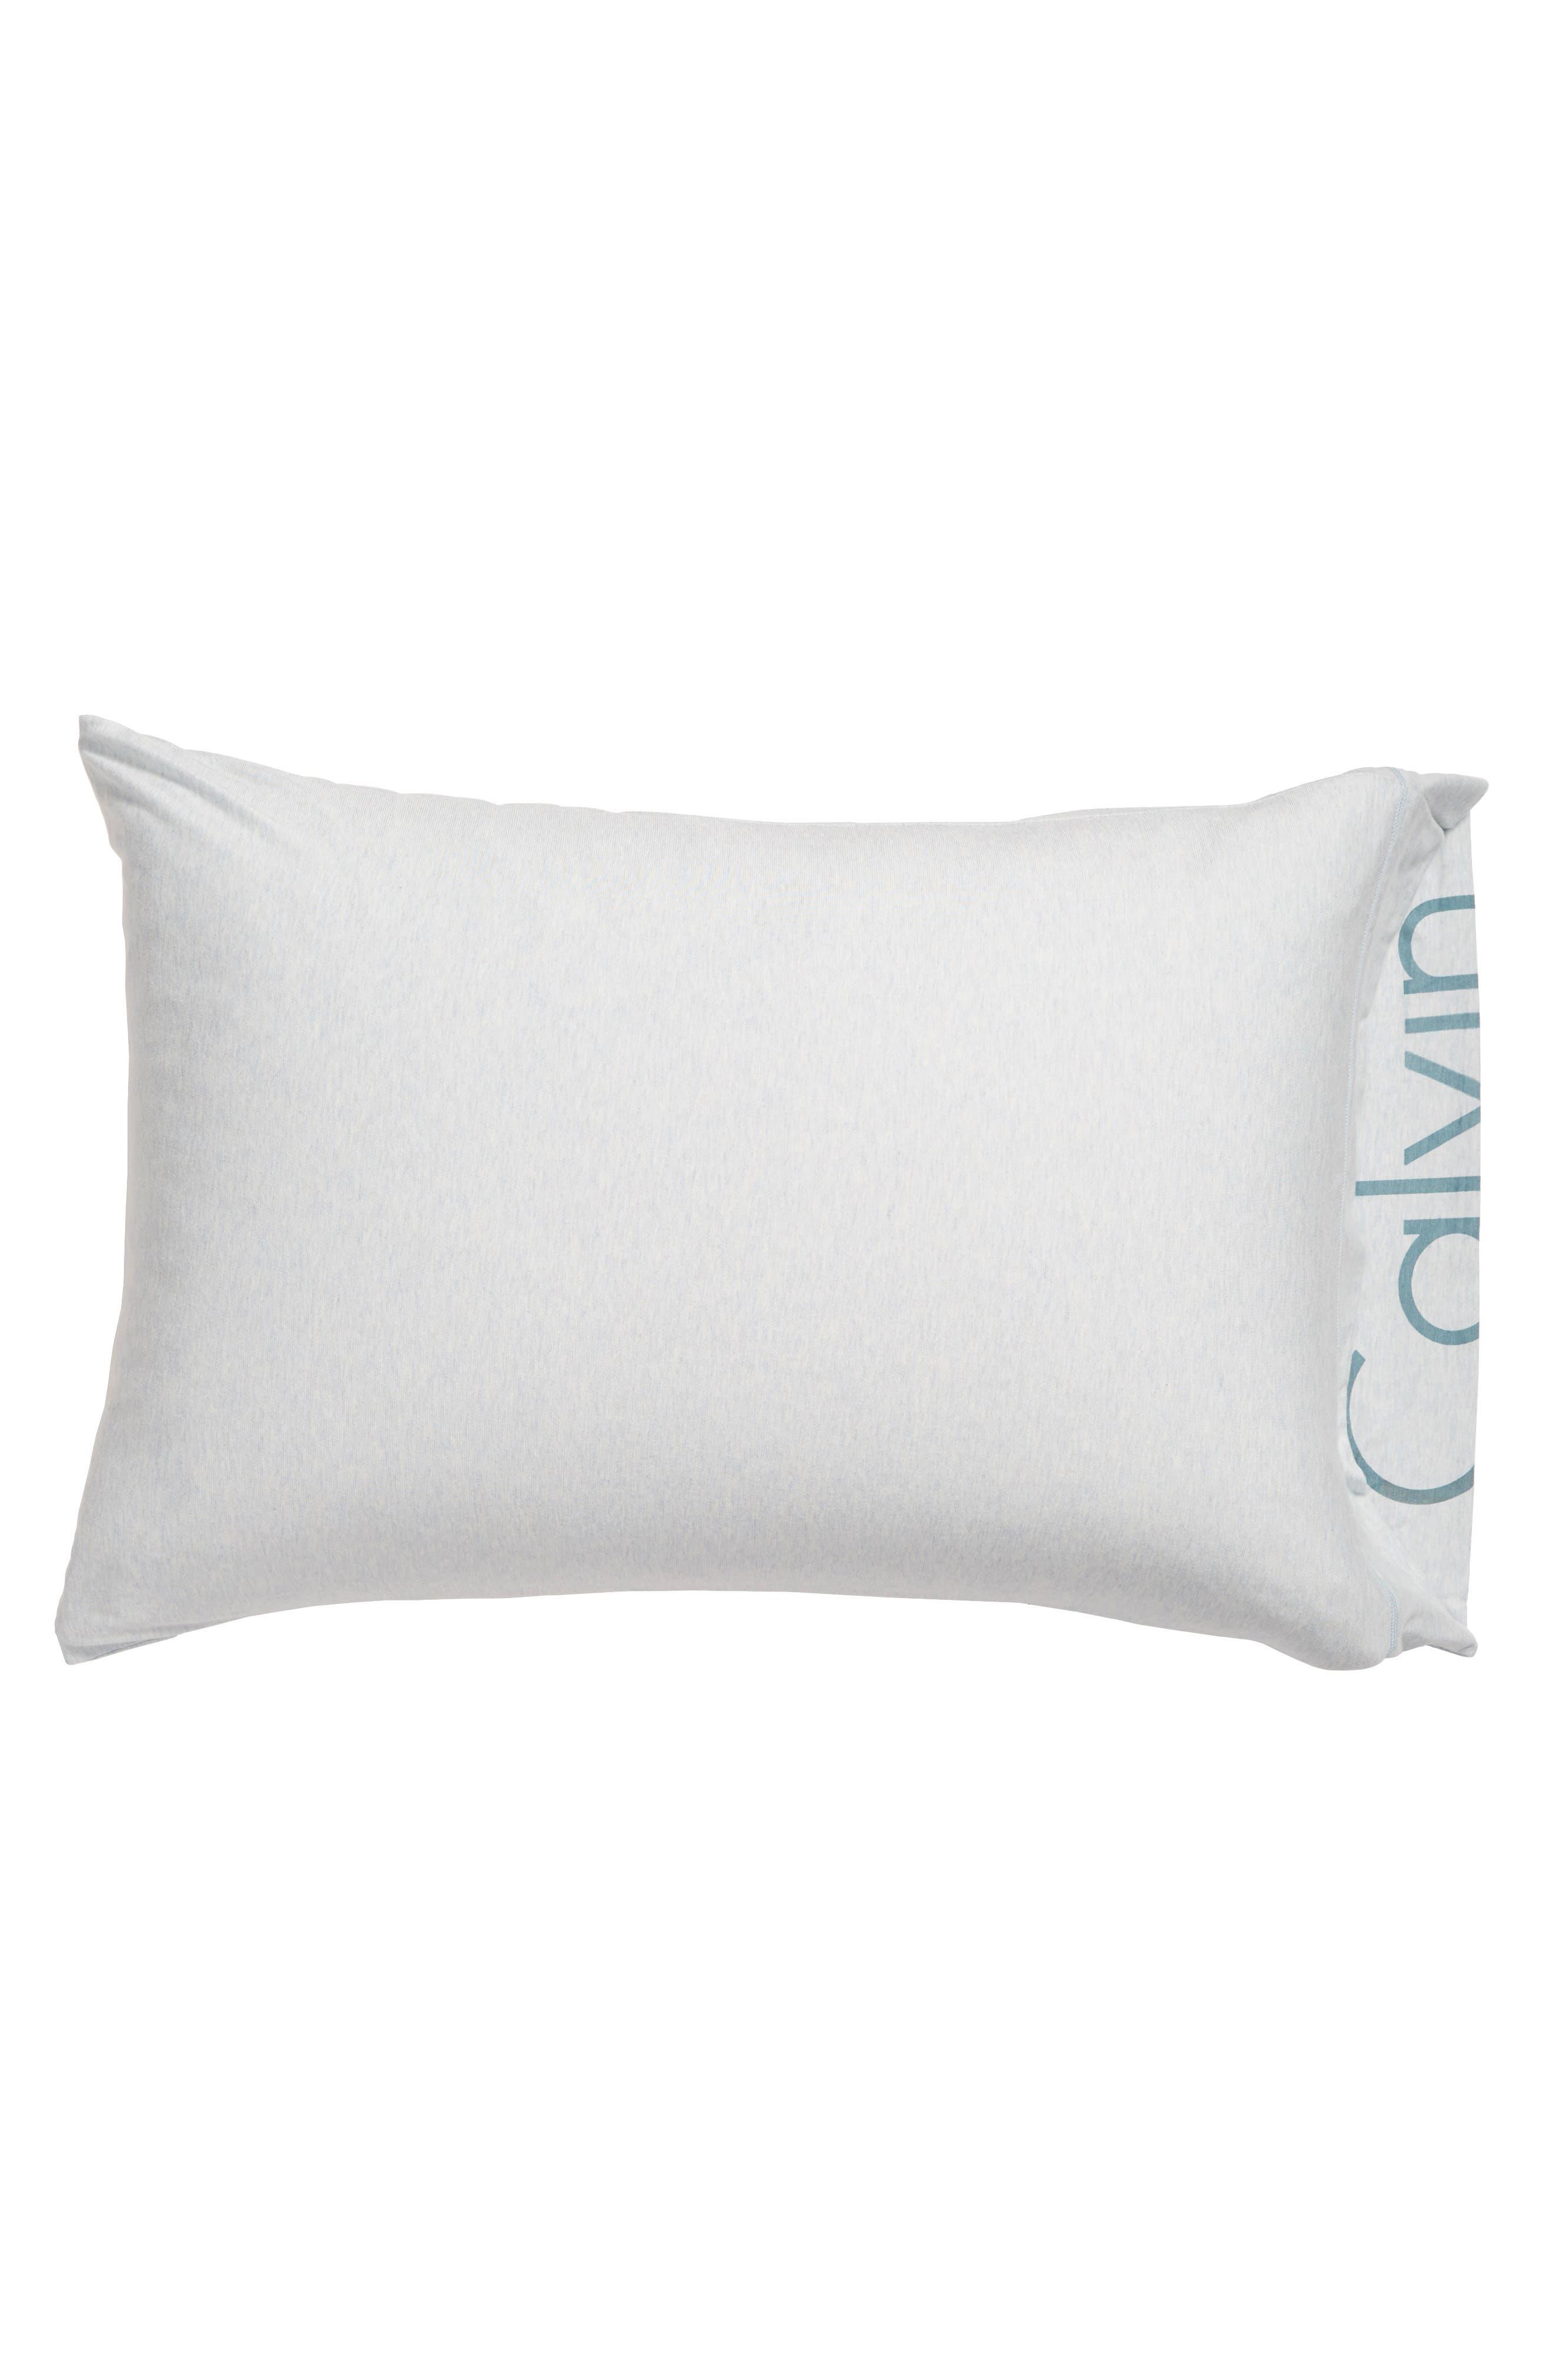 Calvin Klein Pulse Pillowcases,                             Main thumbnail 1, color,                             SPRAY